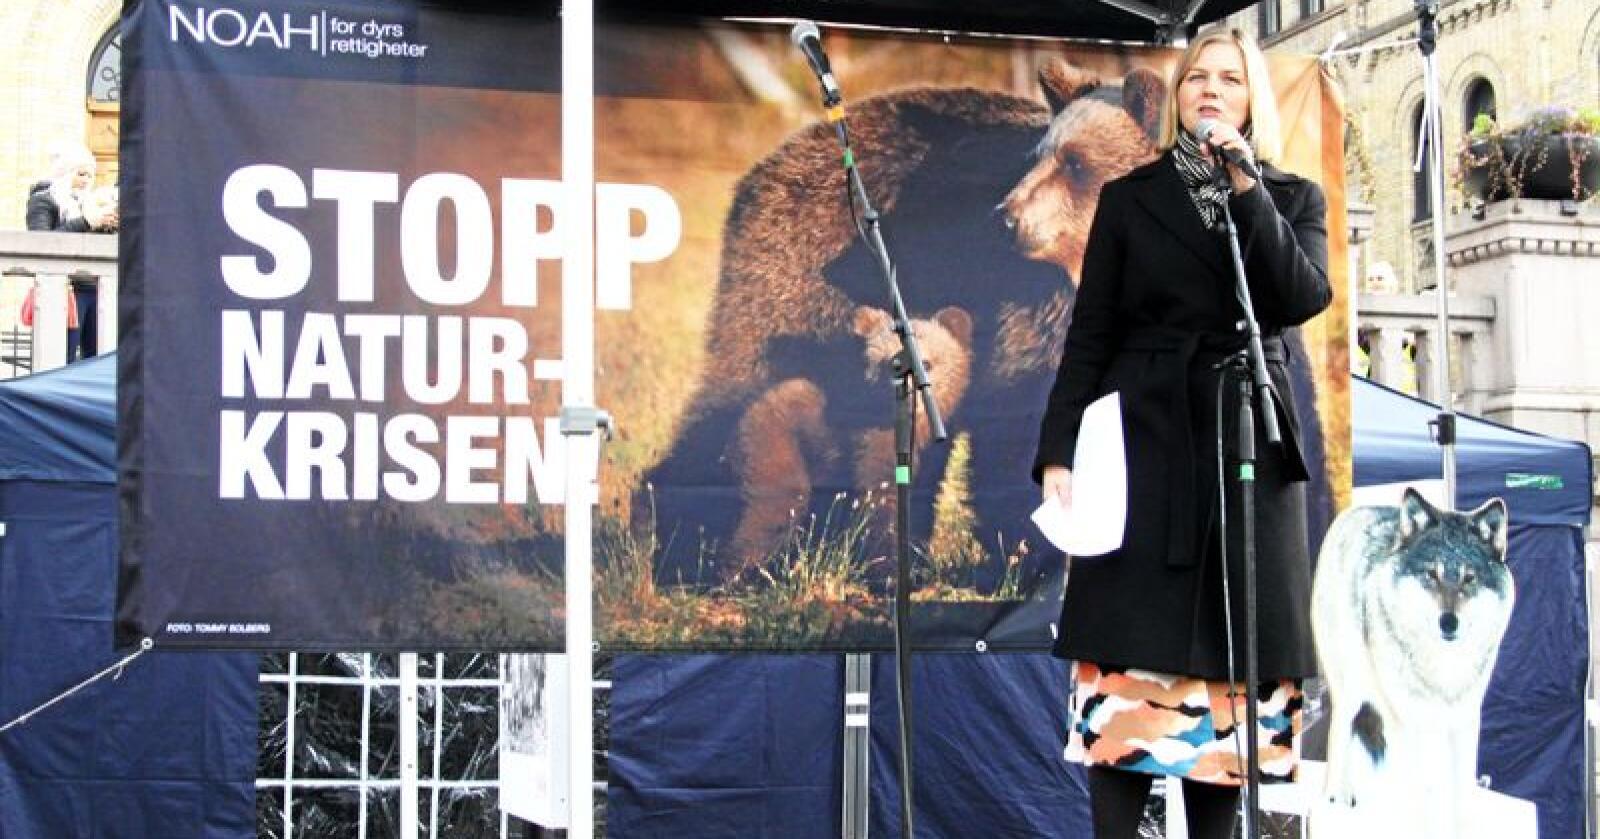 Stortingsrepresentant Guri Melby (V) holder apell under en demonstrasjon for ville dyr i Norge, arrangert av Noah foran Stortinget den 26. oktober 2019. Foto: Christiane Jordheim Larsen